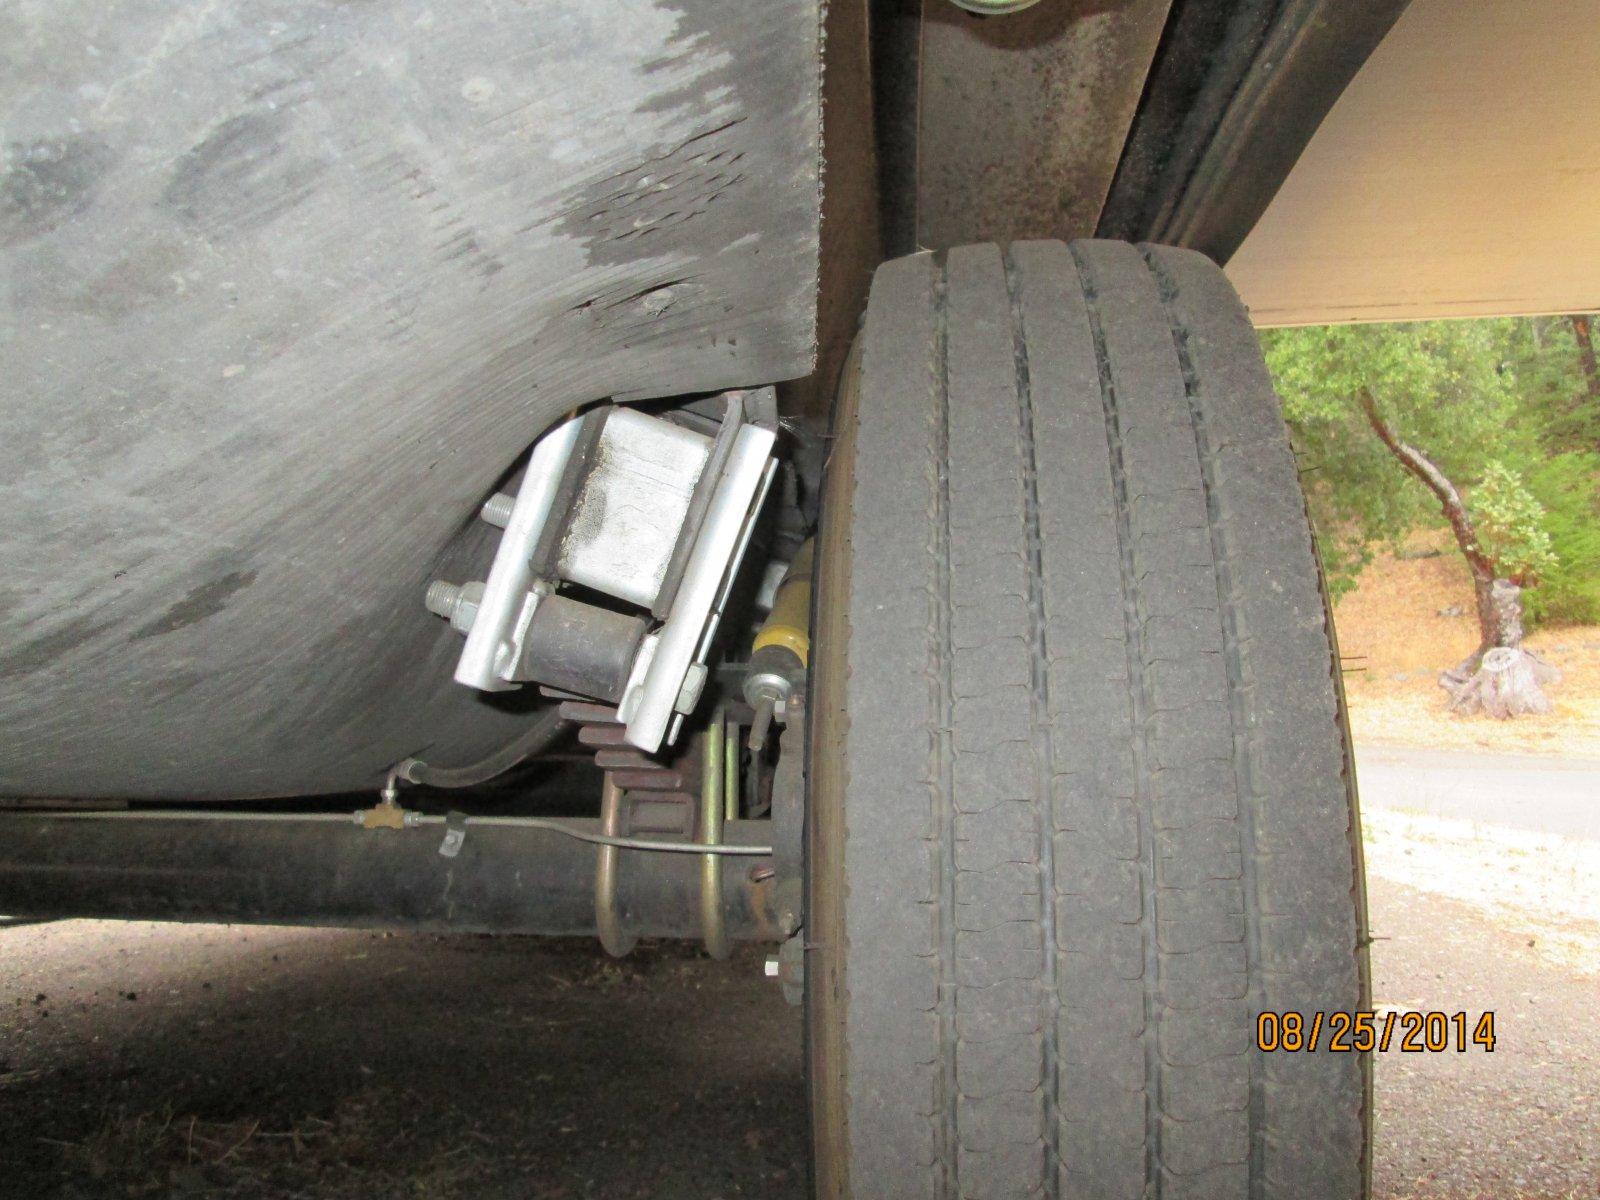 Click image for larger version  Name:Bighorn Frame-Suspension Damage 010.jpg Views:153 Size:283.8 KB ID:193972